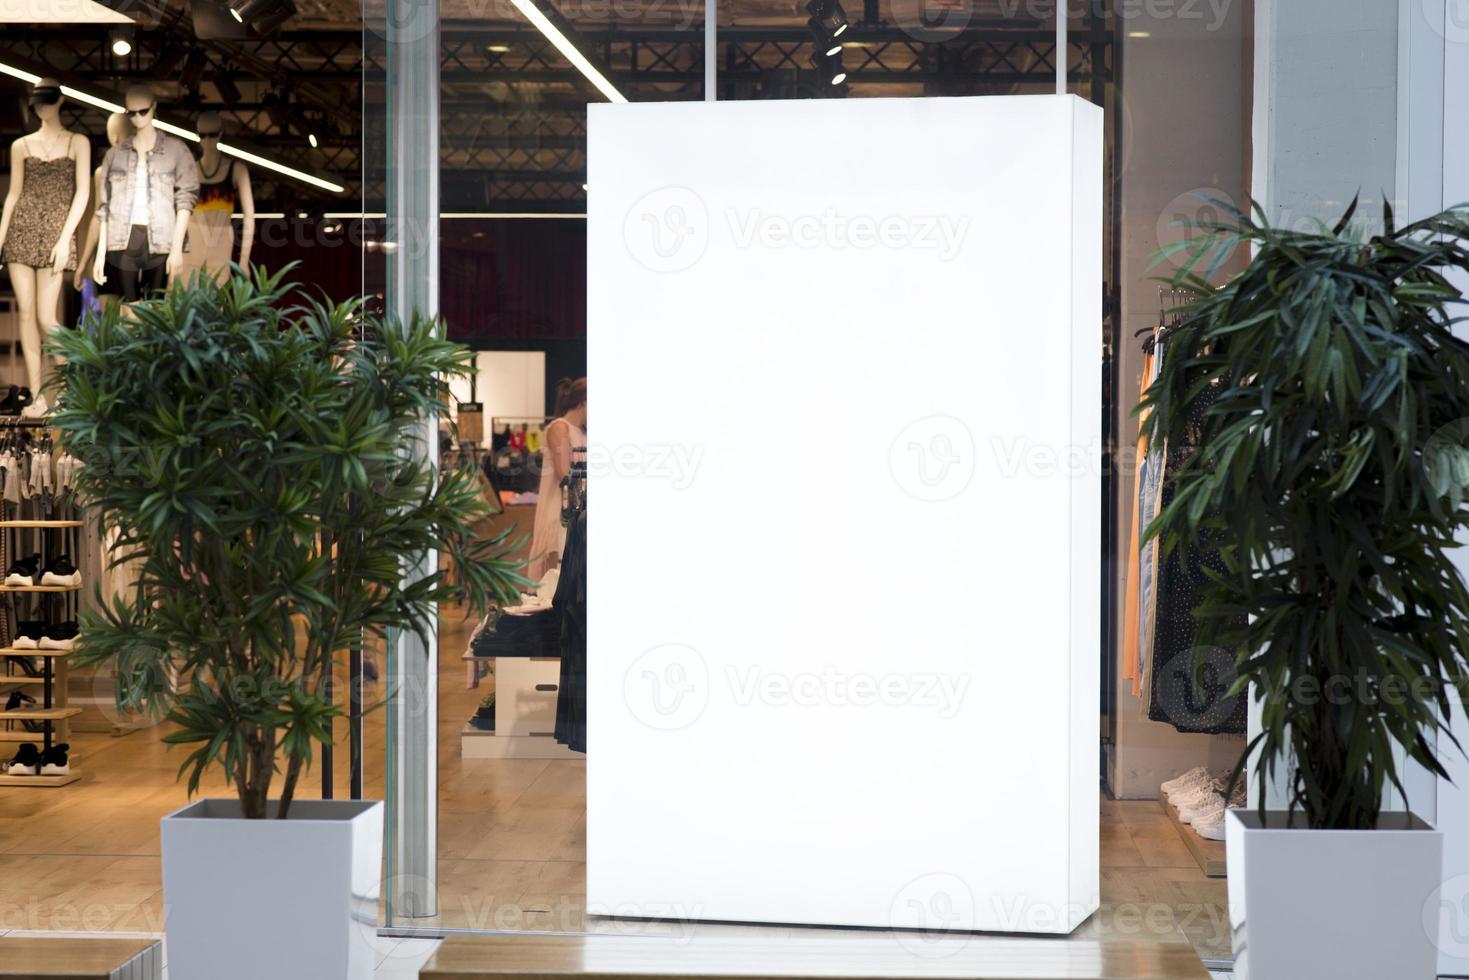 simulacro de caja de luz dentro de la tienda. concepto de fotografía hermosa de alta calidad y resolución foto